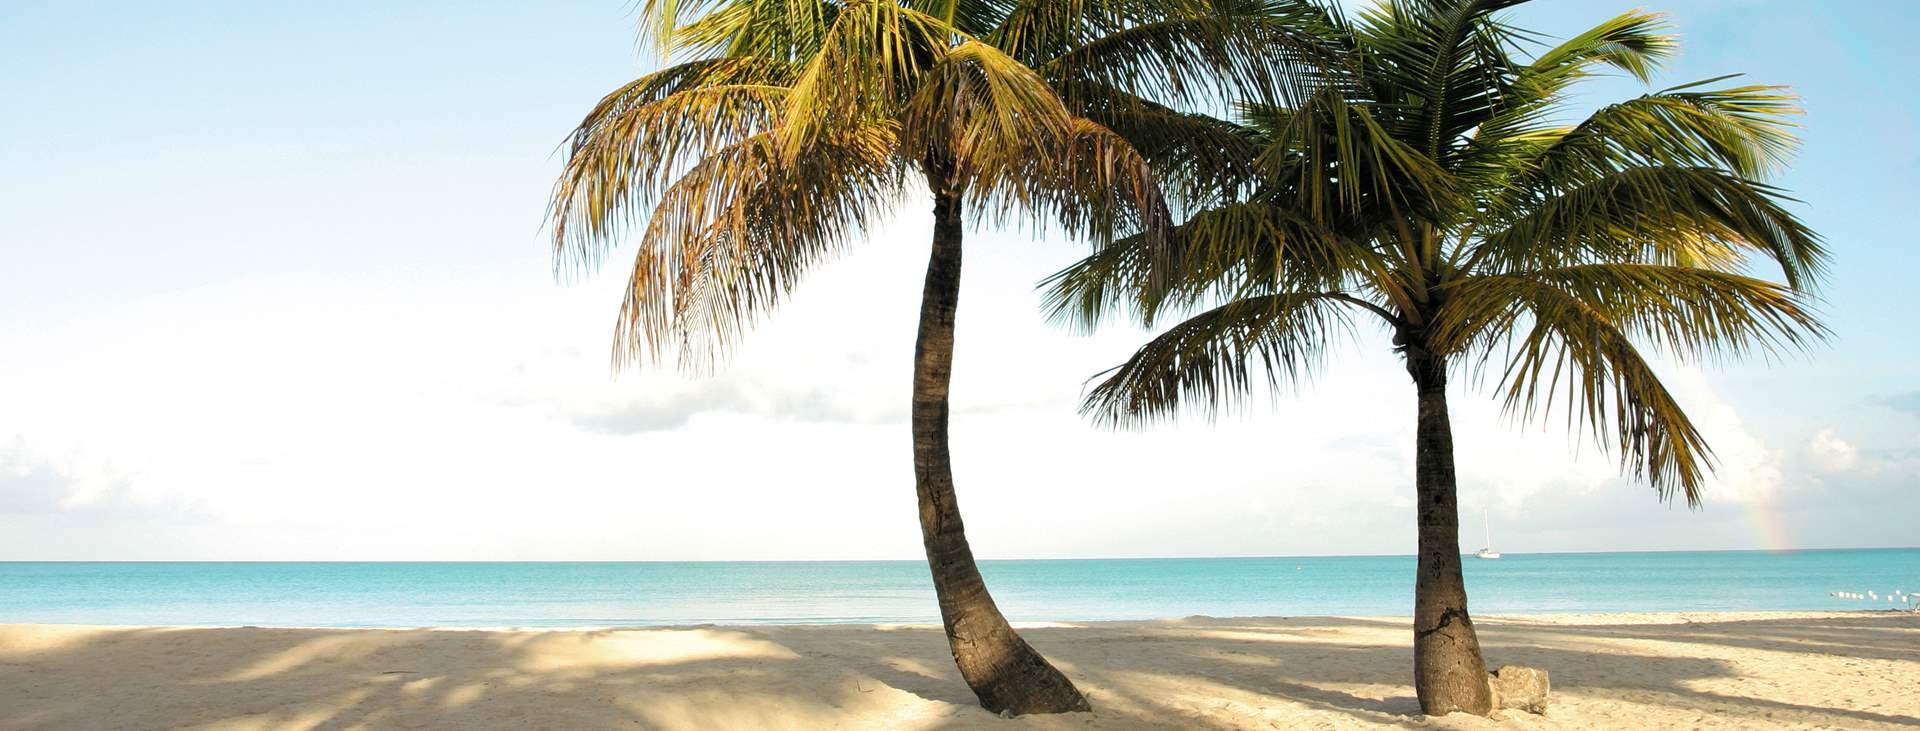 Bestill en reise til Antigua med Ving